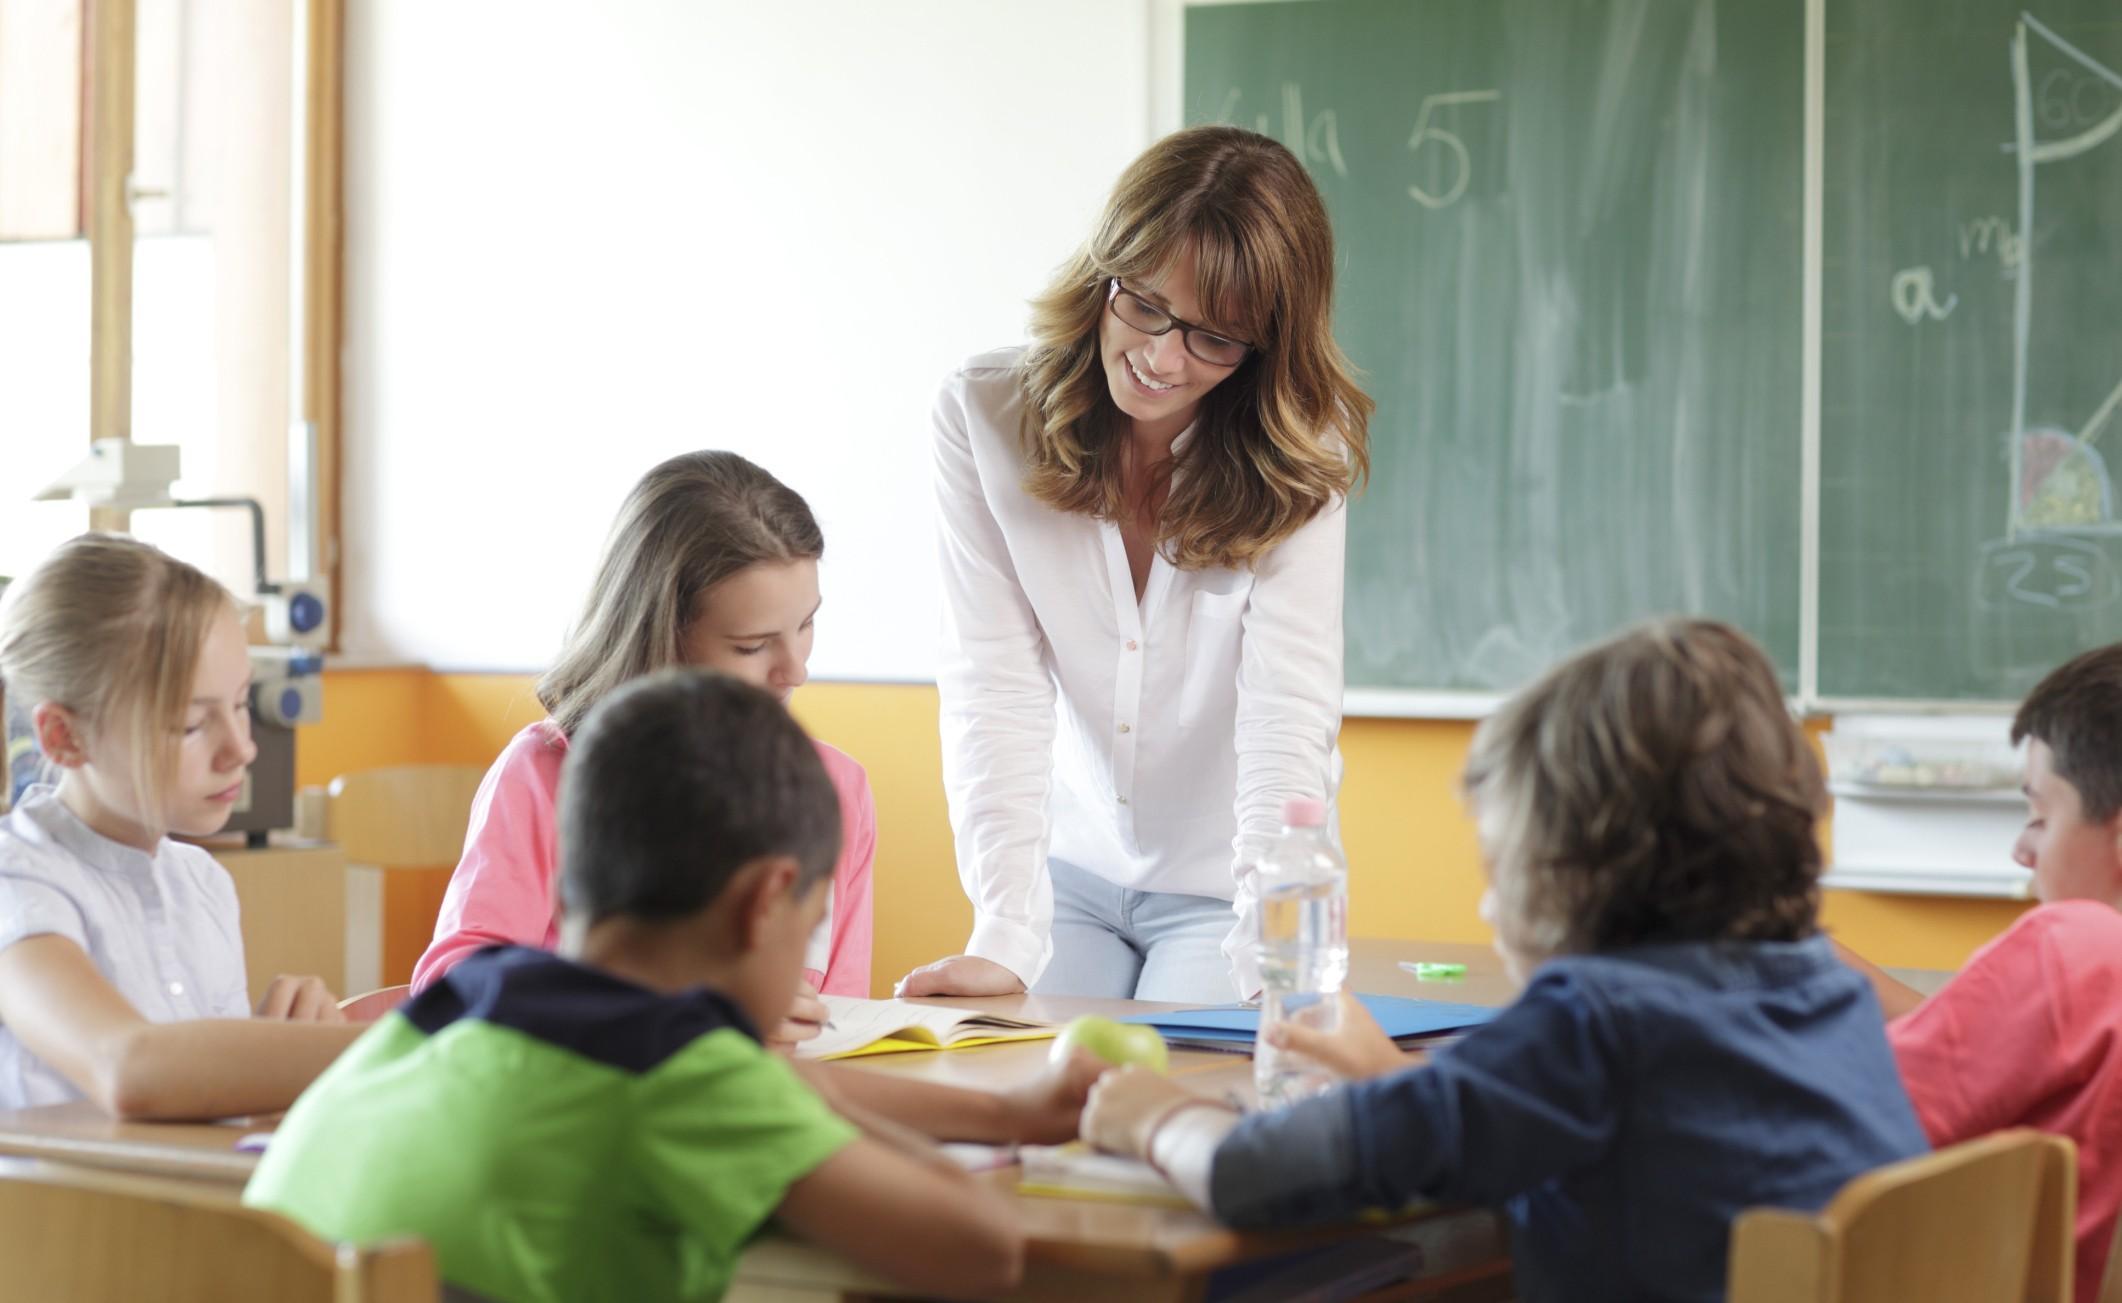 Offerta di lavoro per insegnante di inglese a Napoli: candidati subito